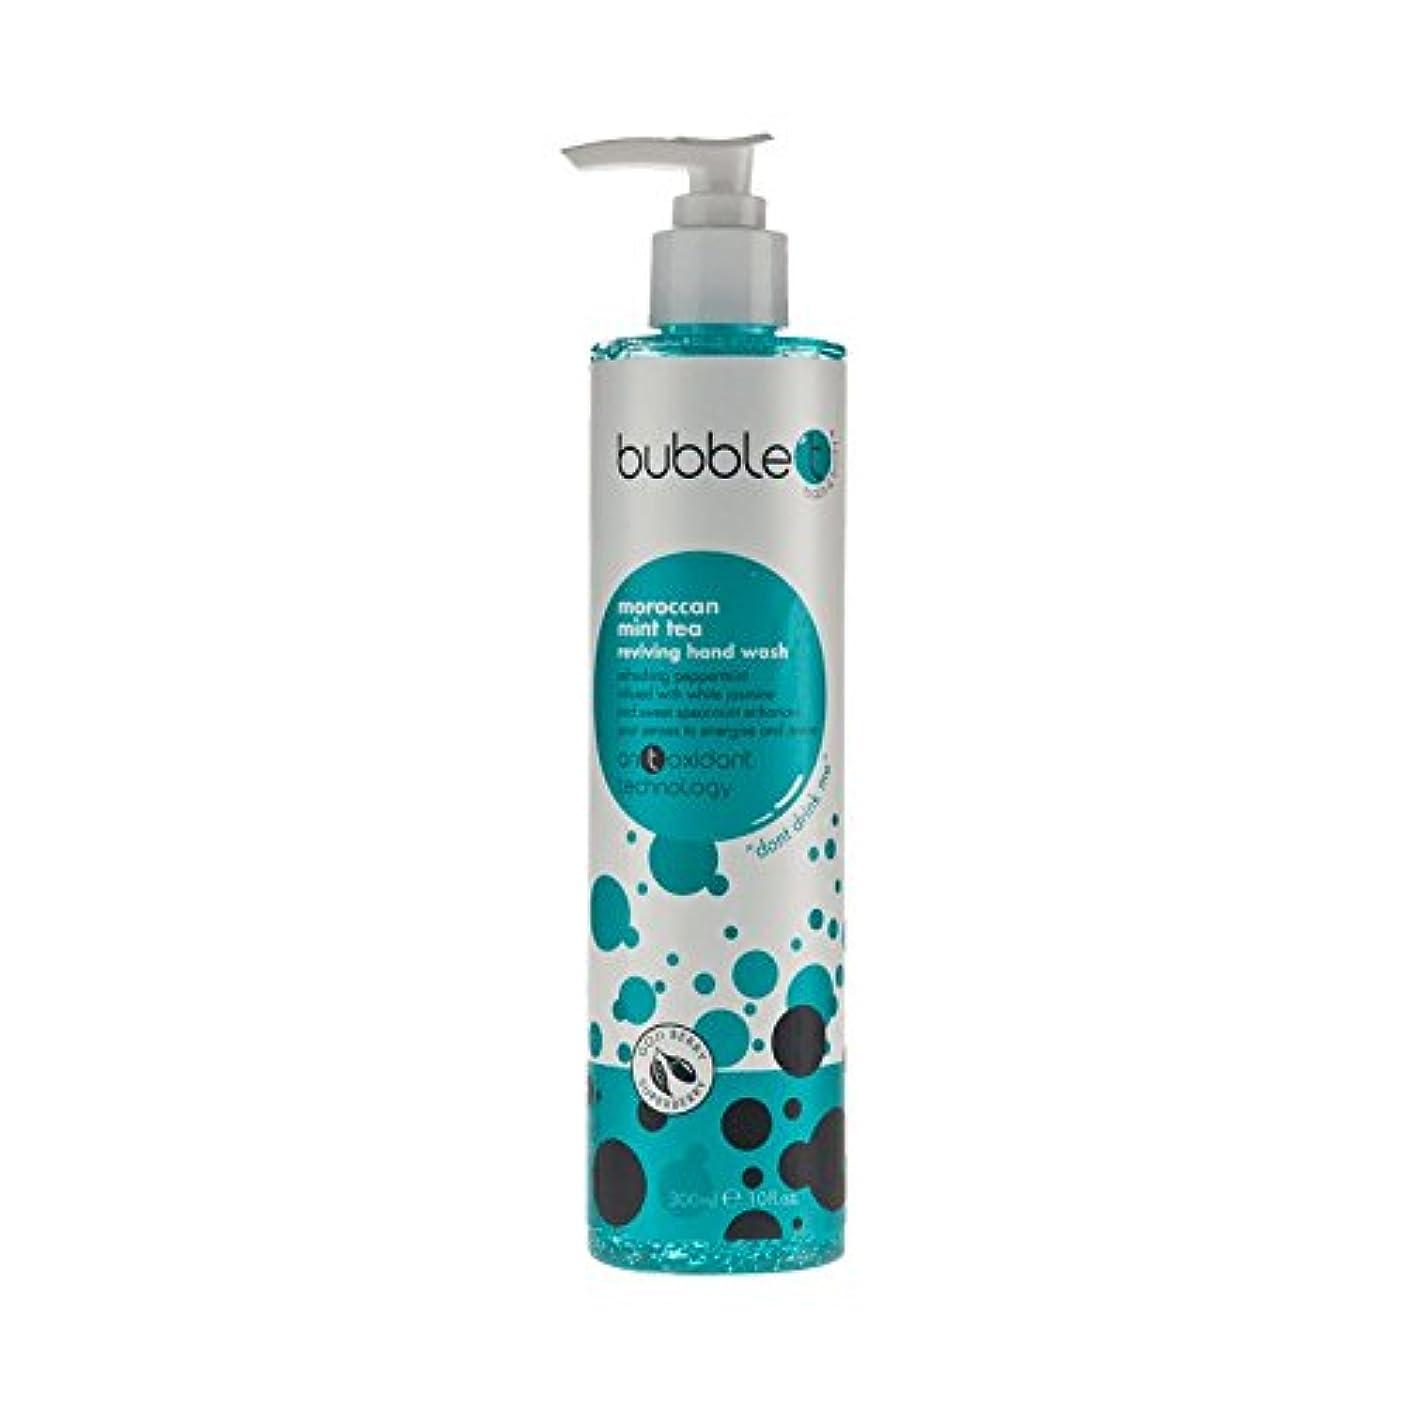 麻痺小川純正バブルトン手洗いモロッコミント300ミリリットル - Bubble T Hand Wash Morrocan Mint 300ml (Bubble T) [並行輸入品]